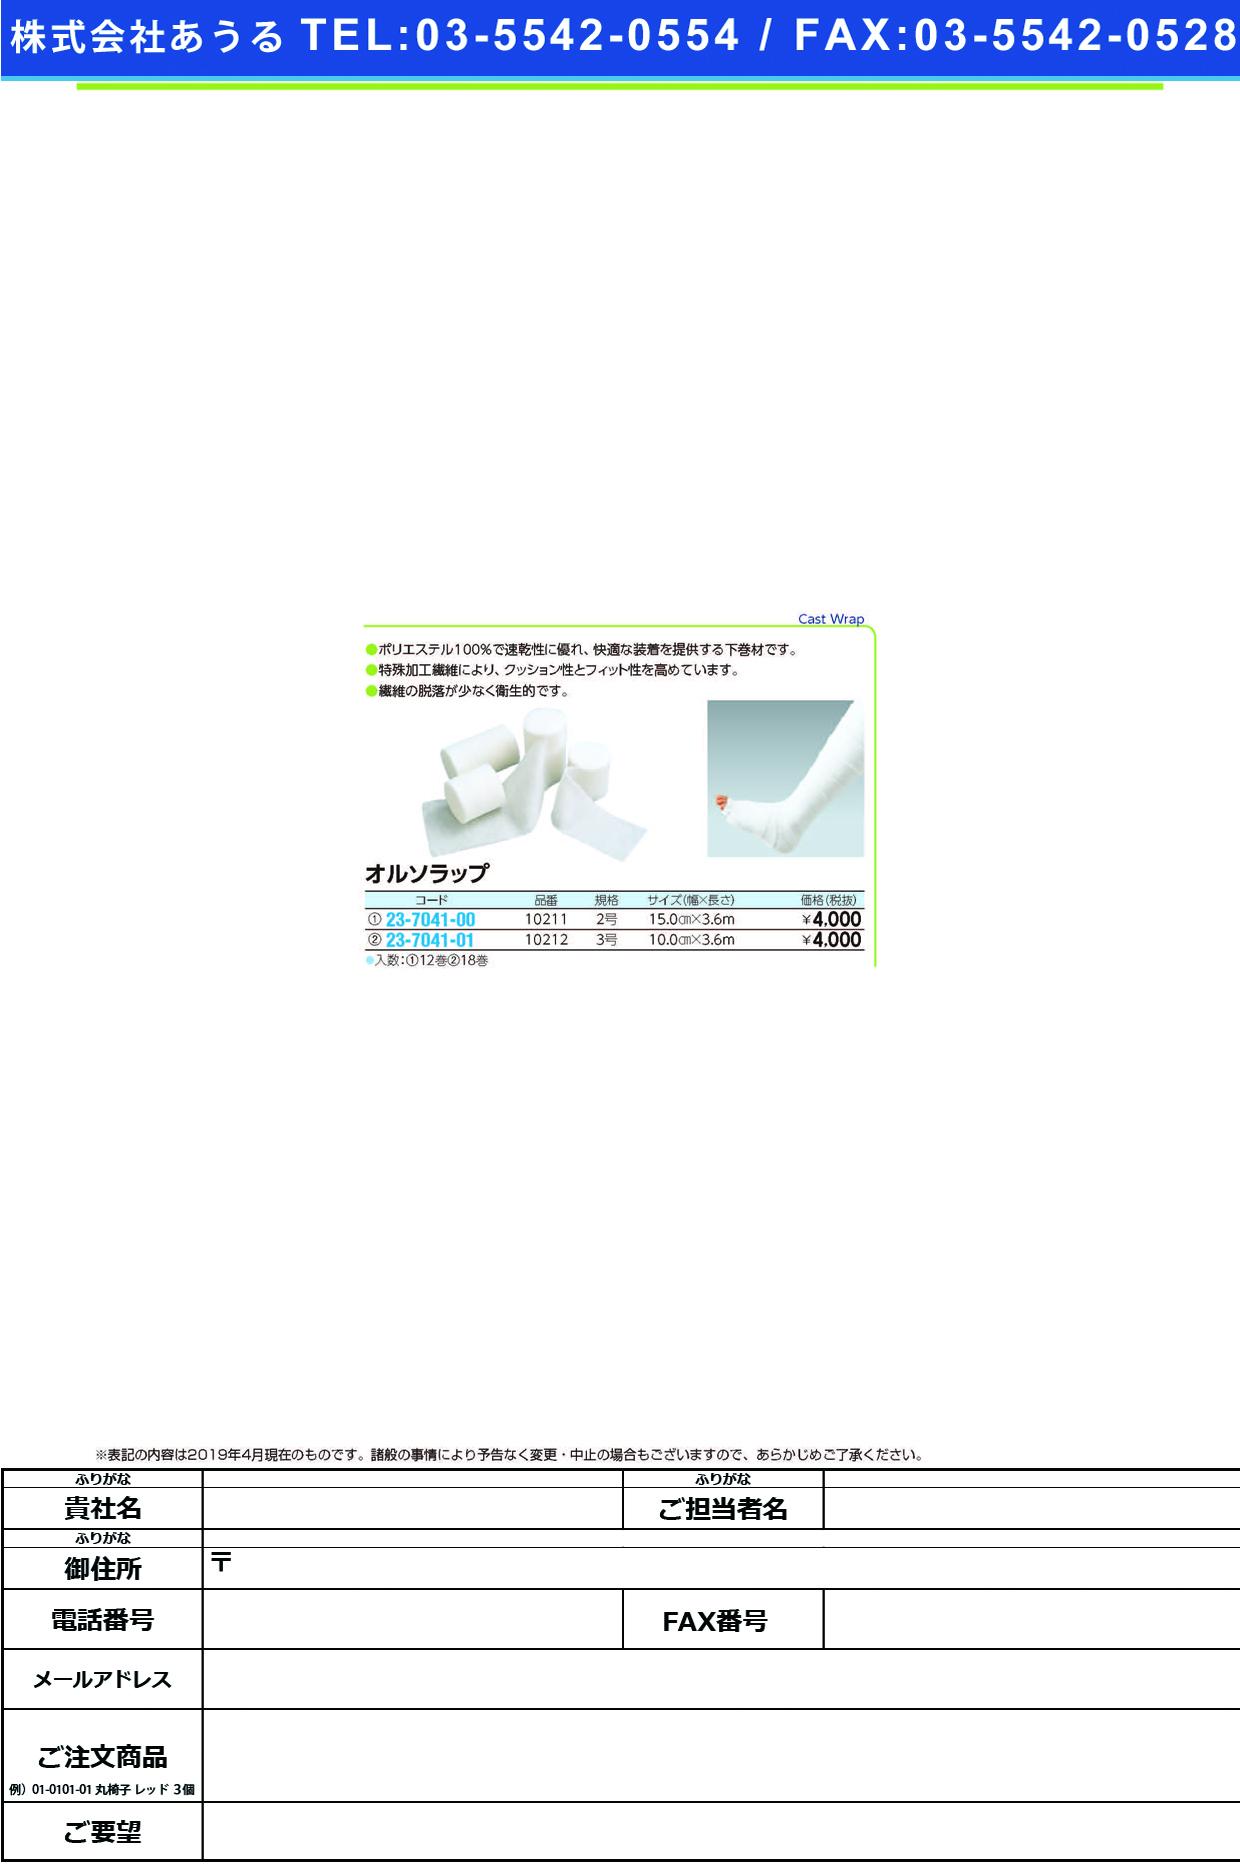 (23-7041-00)オルソラップ(2号) 10211(12カンイリ) オルソラップ(2ゴウ)(アルケア)【1箱単位】【2019年カタログ商品】